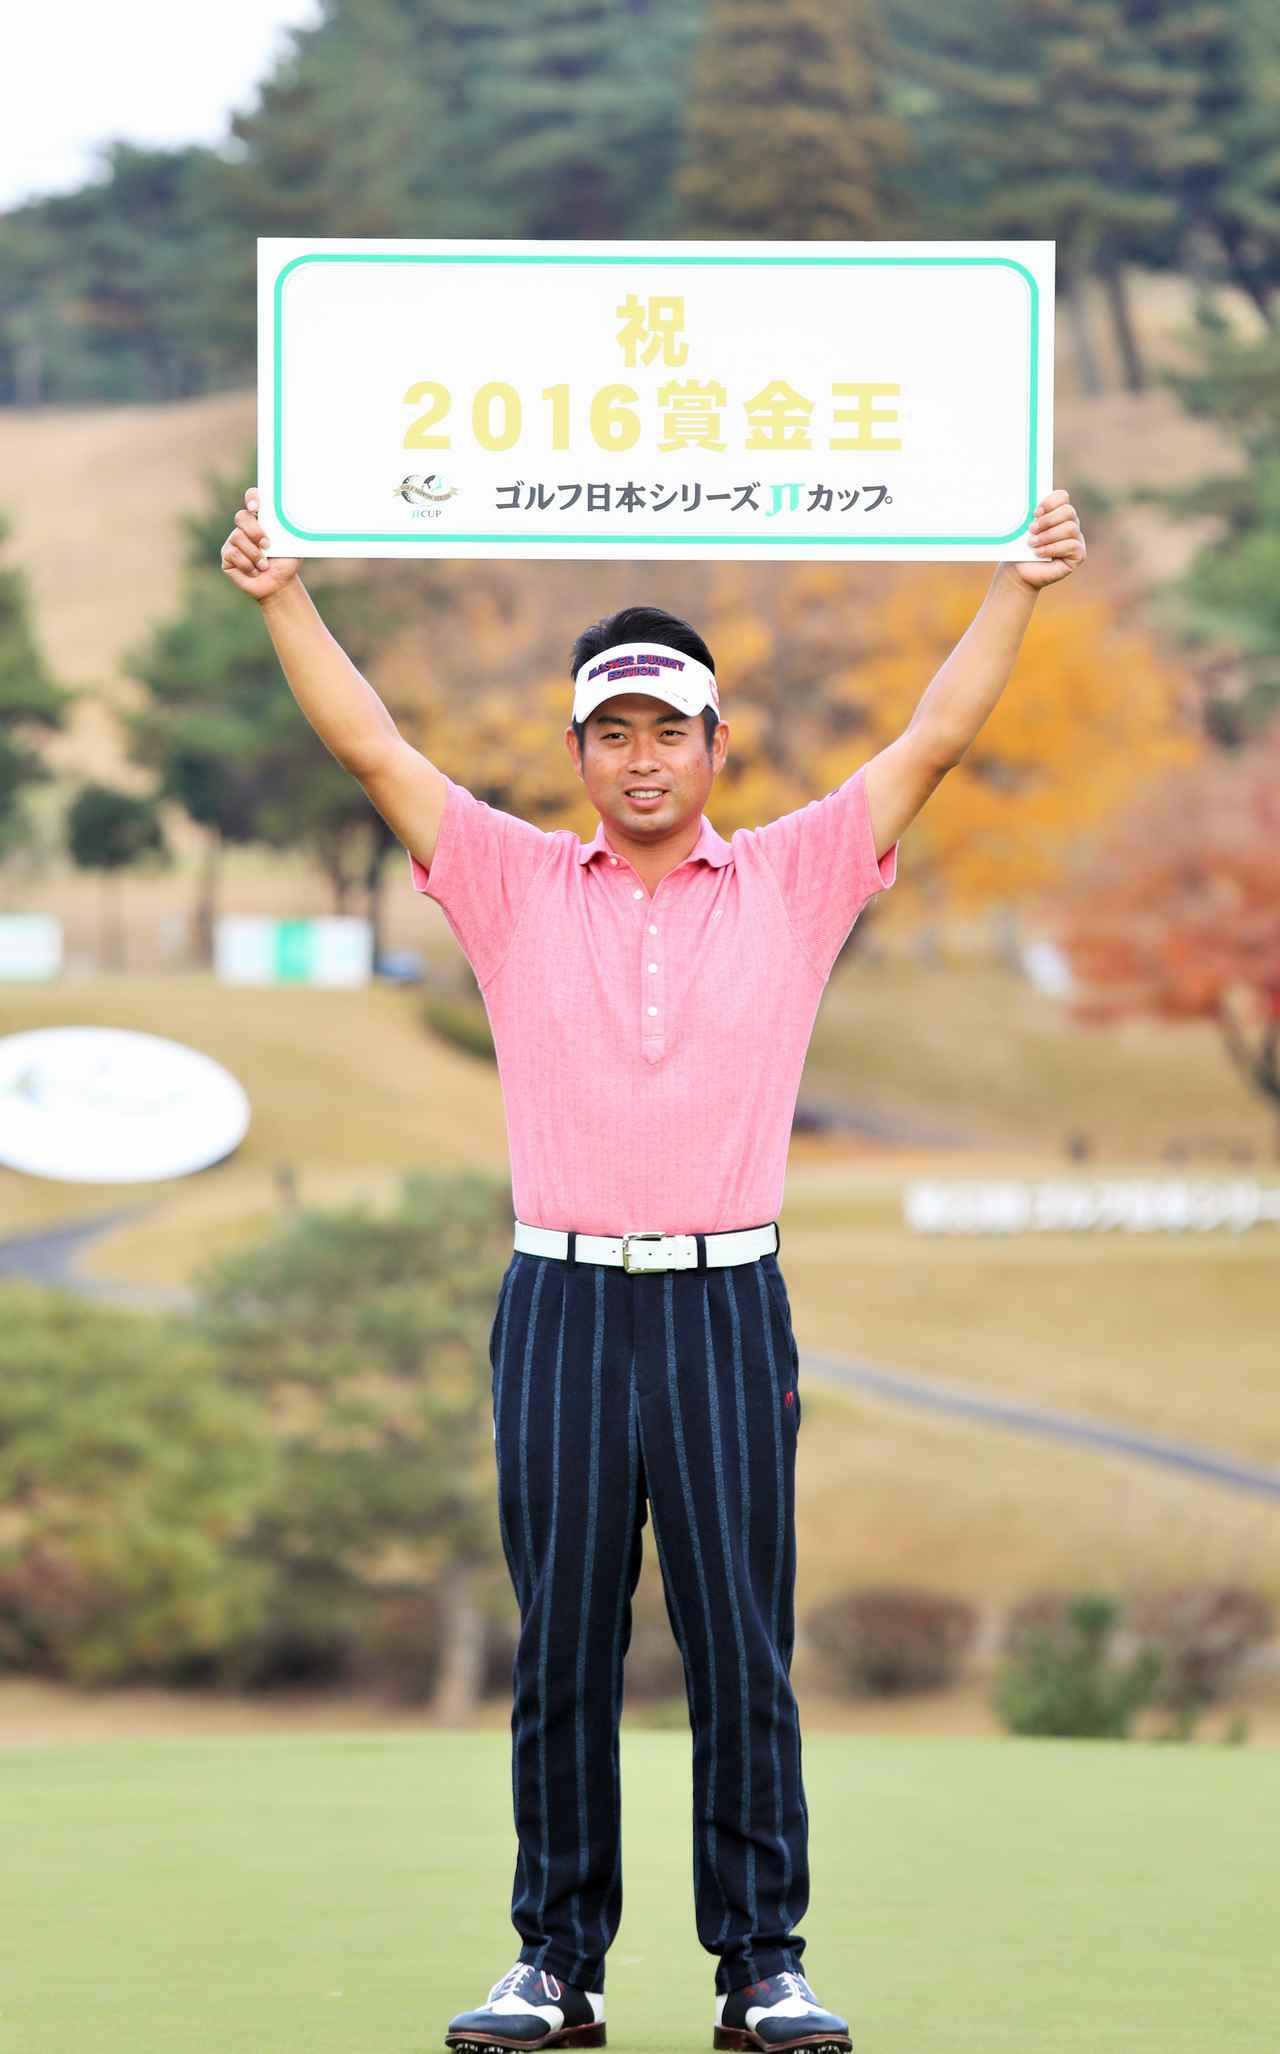 画像: 2016年「ゴルフ日本シリーズJTカップ」で」は2位となり、優勝で賞金王を決められなかったことを悔やんだ